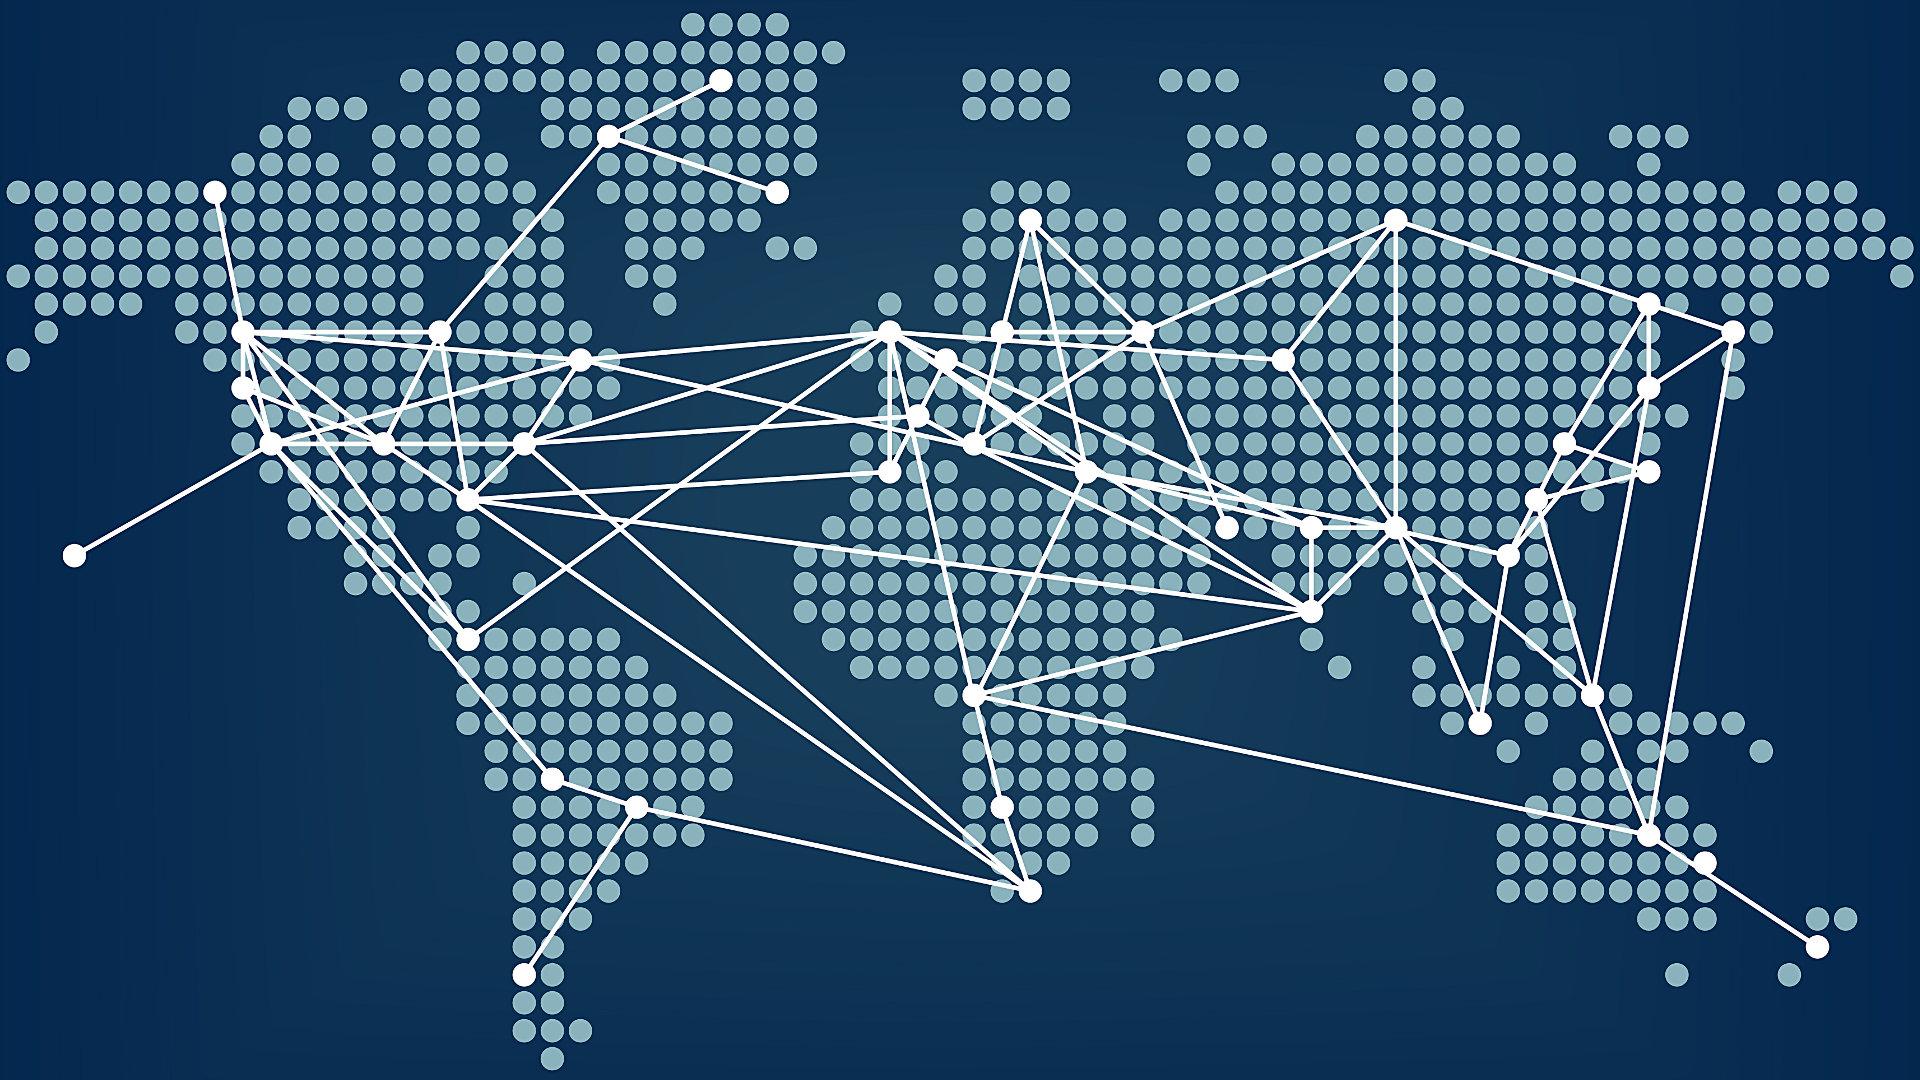 آیا VPN ها از حریم خصوصی شما محافظت می کند؟